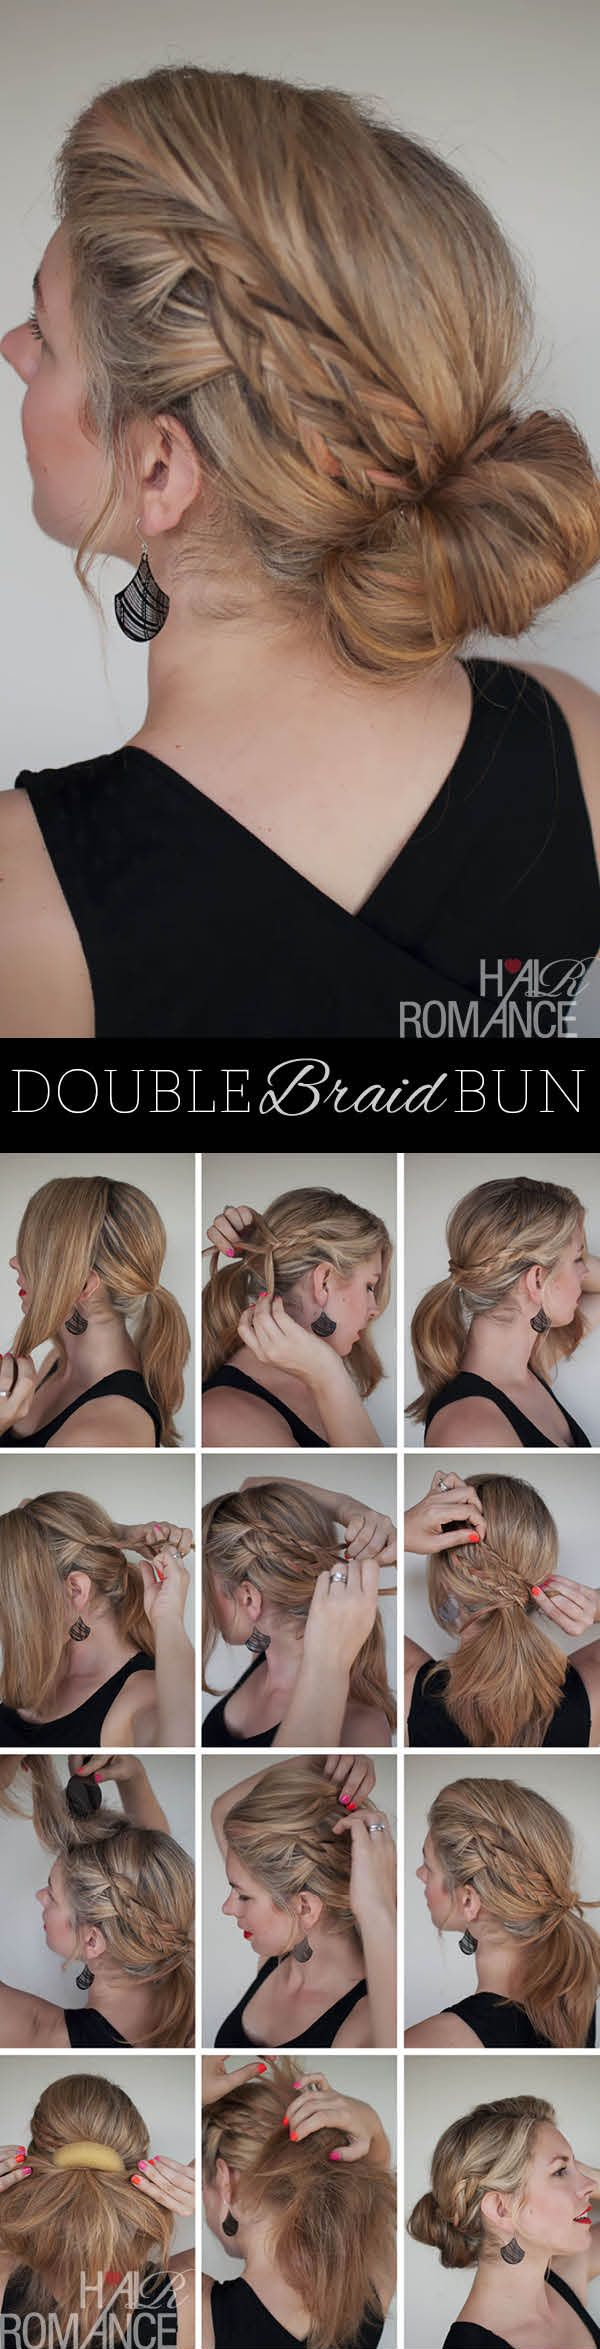 Double braid bun hairstyle tutorial - Hair Romance